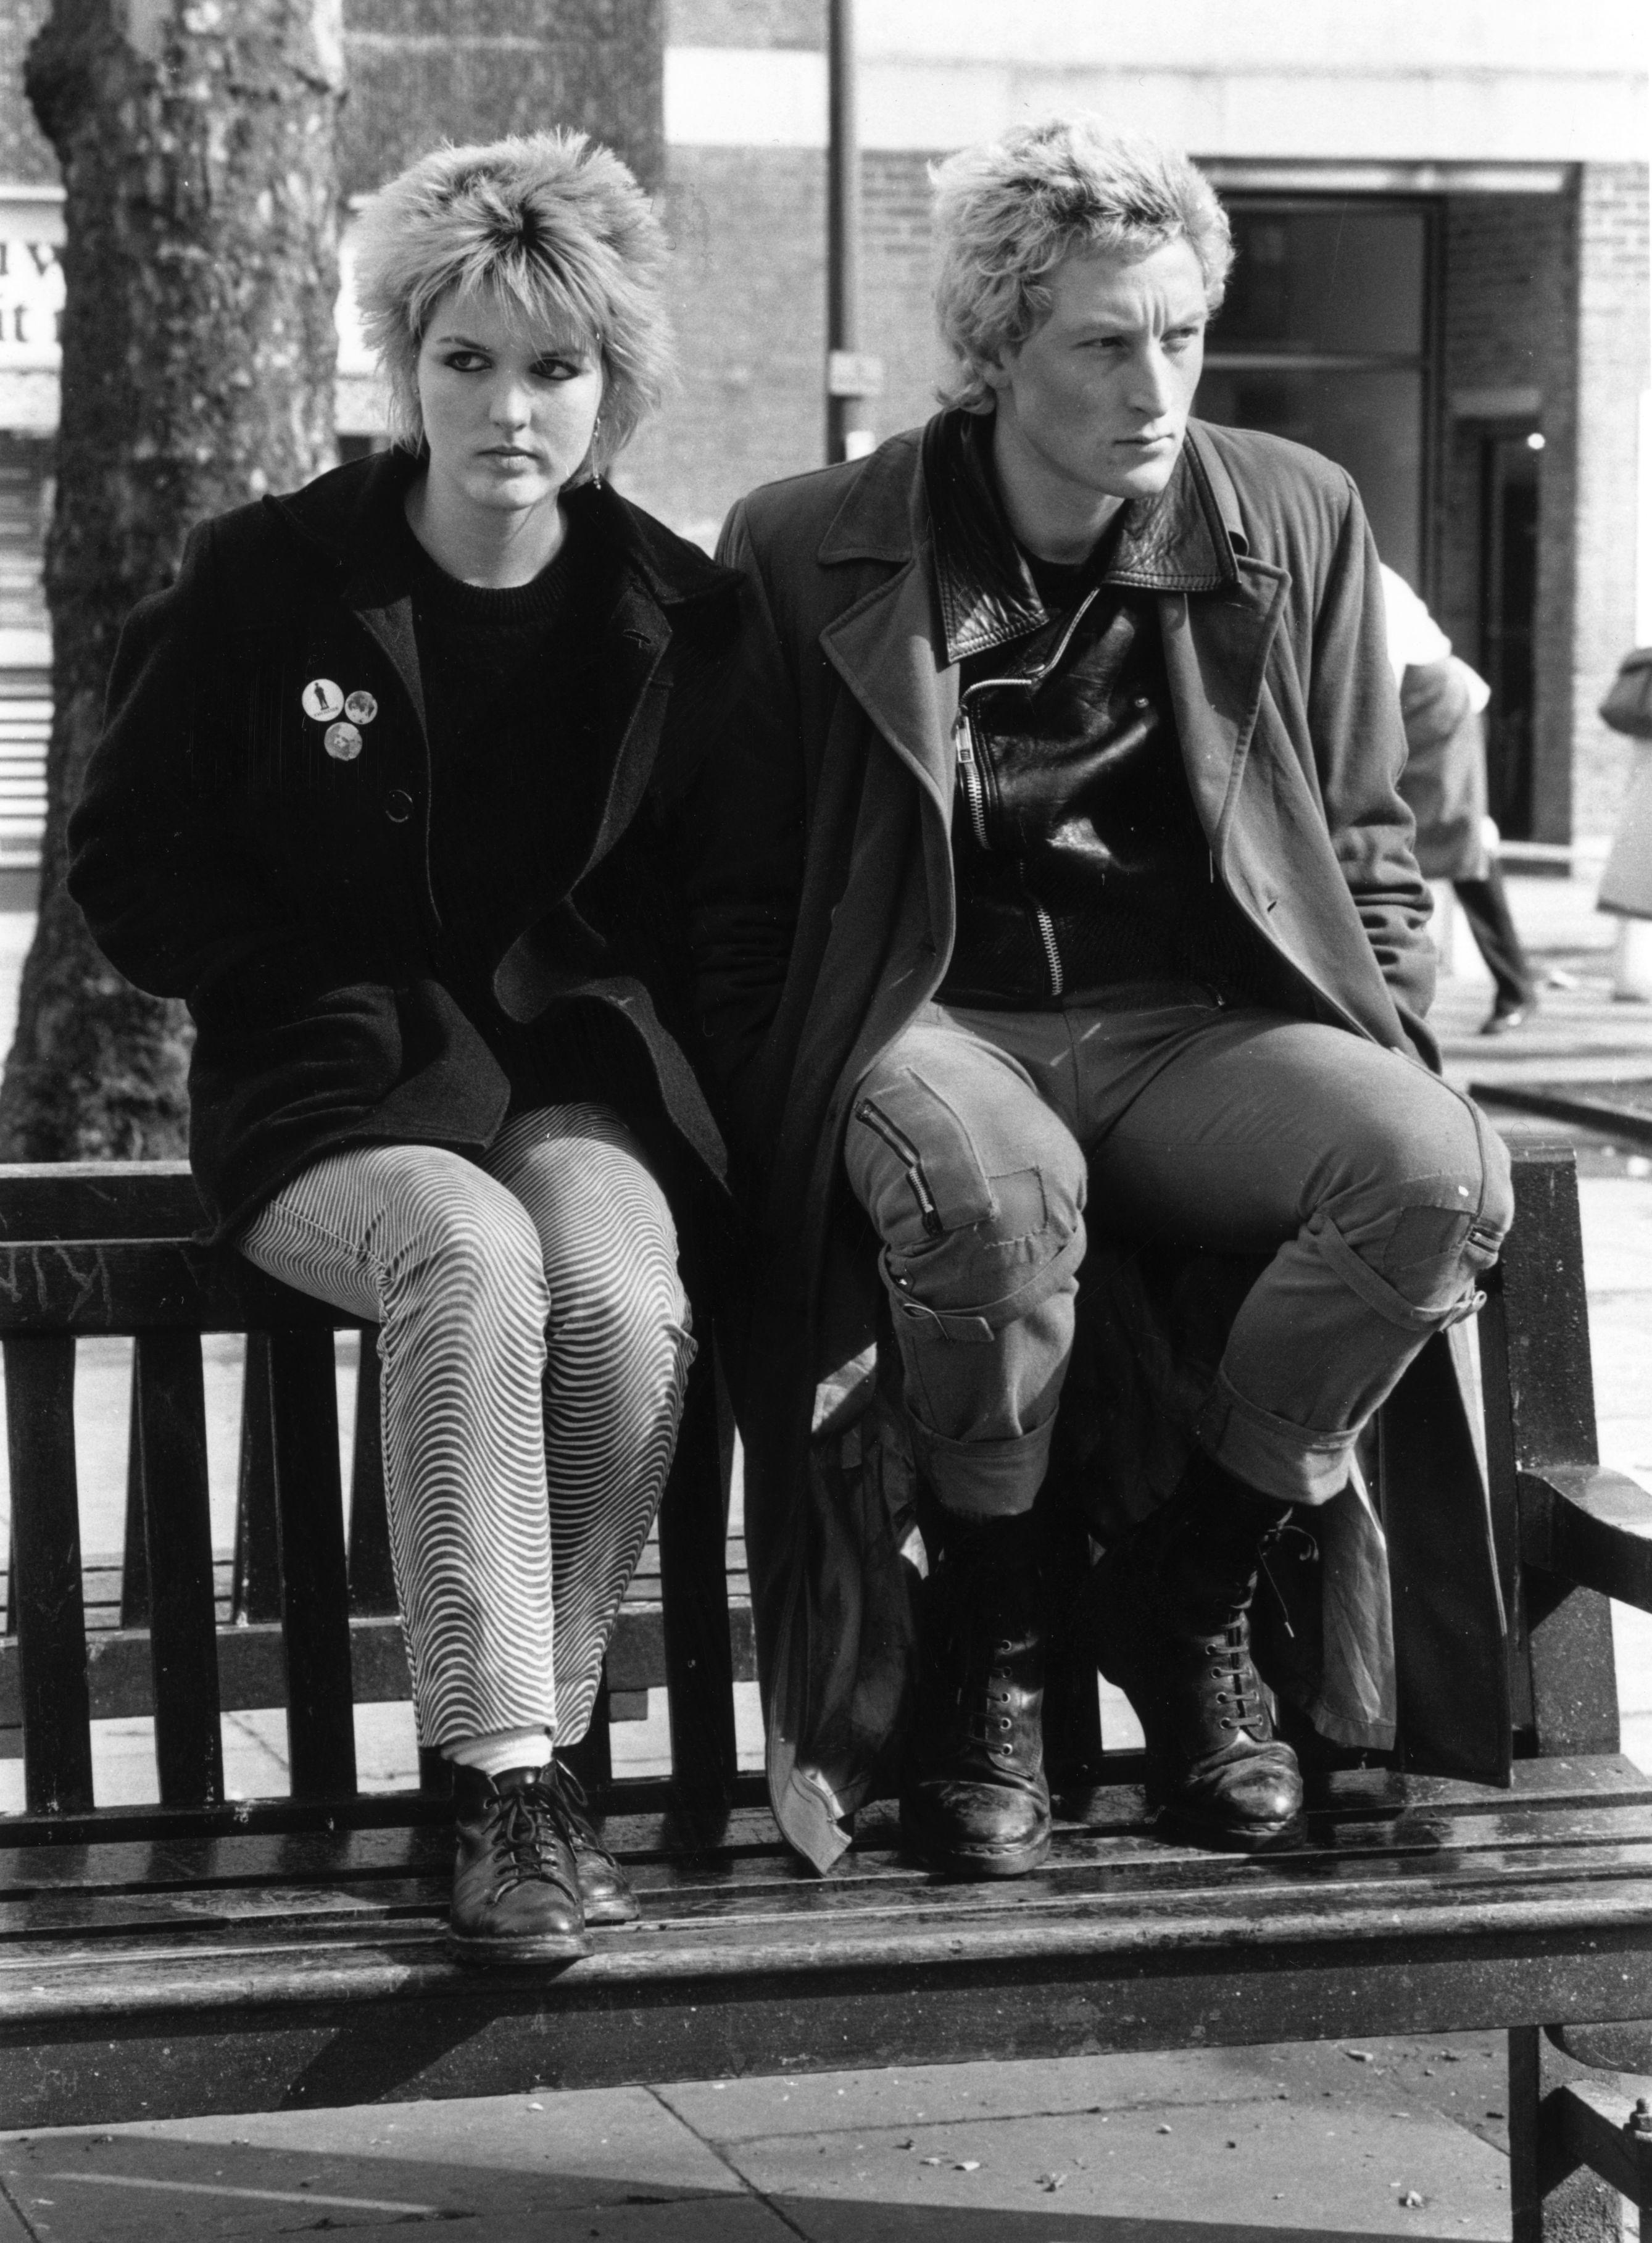 1981 г., забелязва се, че по-небрежните и ежедневни дрехи започват да стават модерни сред младите.